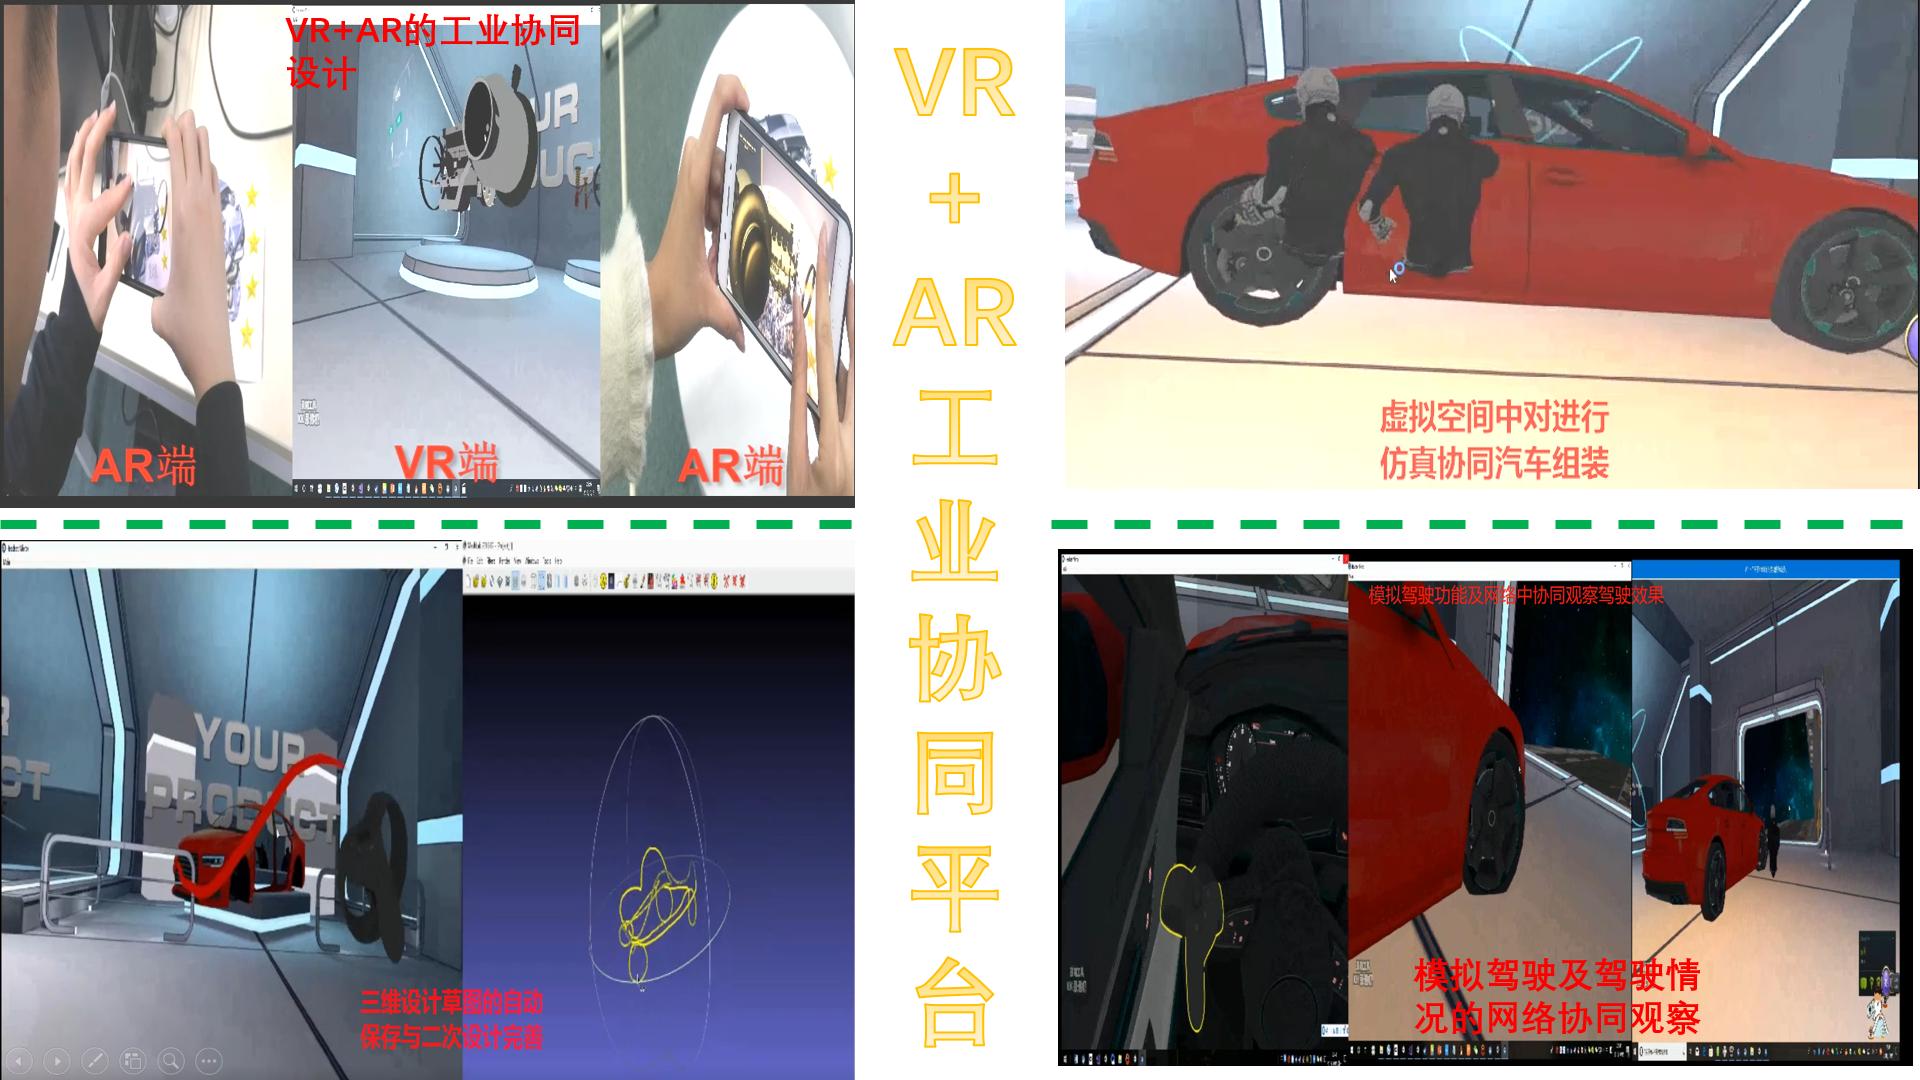 VR+AR工业协同平台